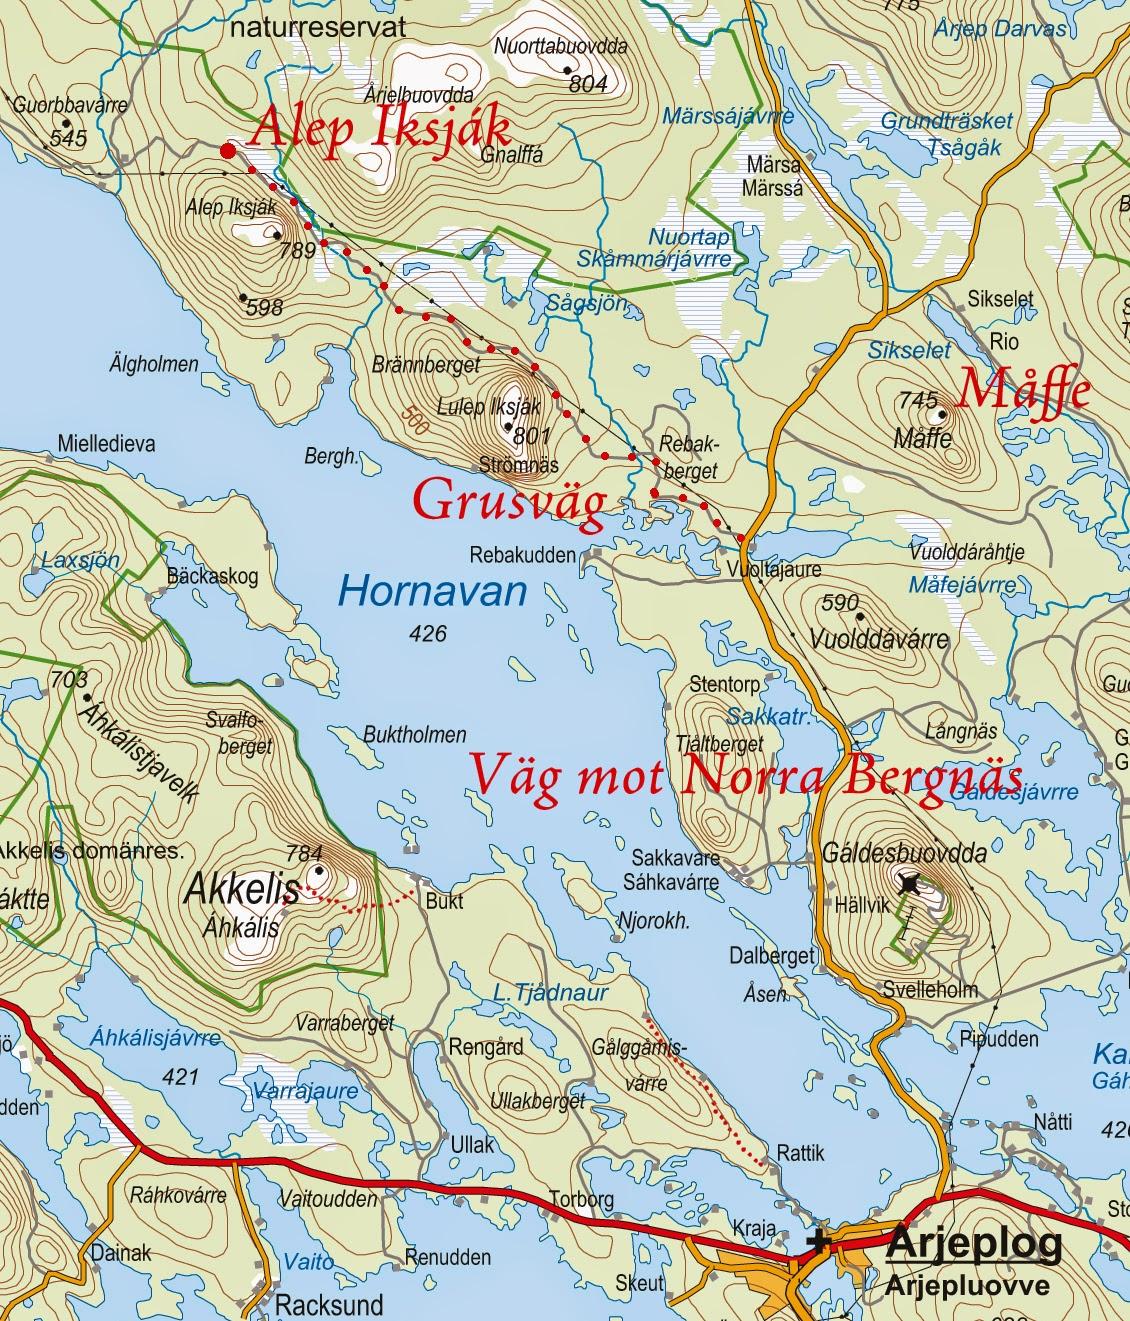 arjeplog karta Välkommen till Arjeplogsfjällen!: Tips på vandring till toppar i  arjeplog karta